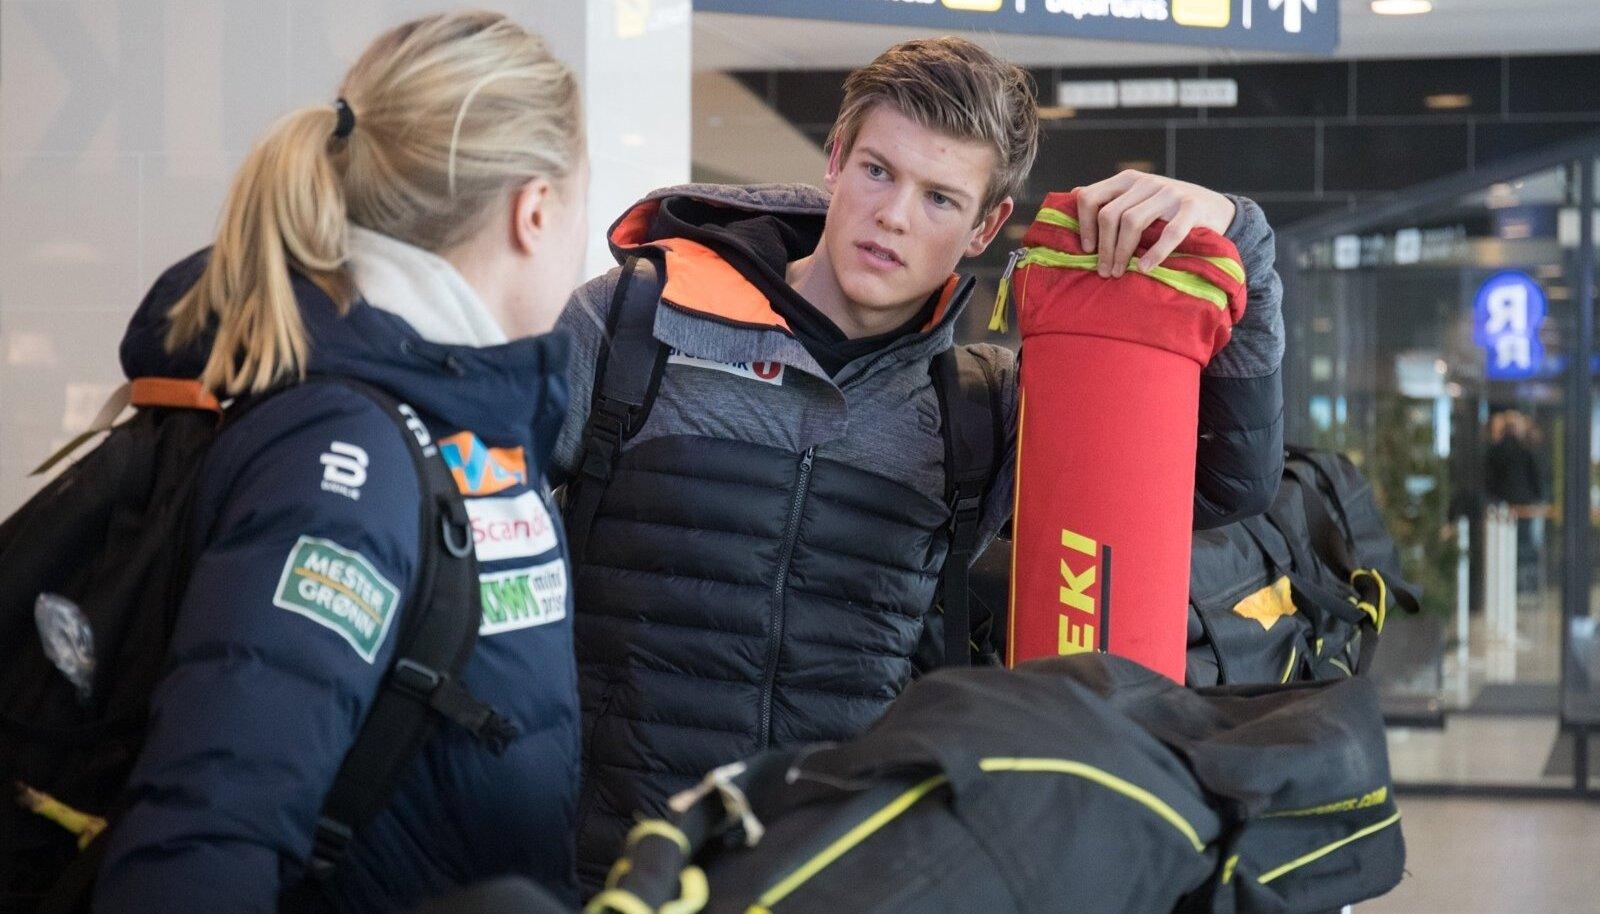 Norra suusastaarid Tallinna lennujaamas. Johannes Hoesflot Klaebo